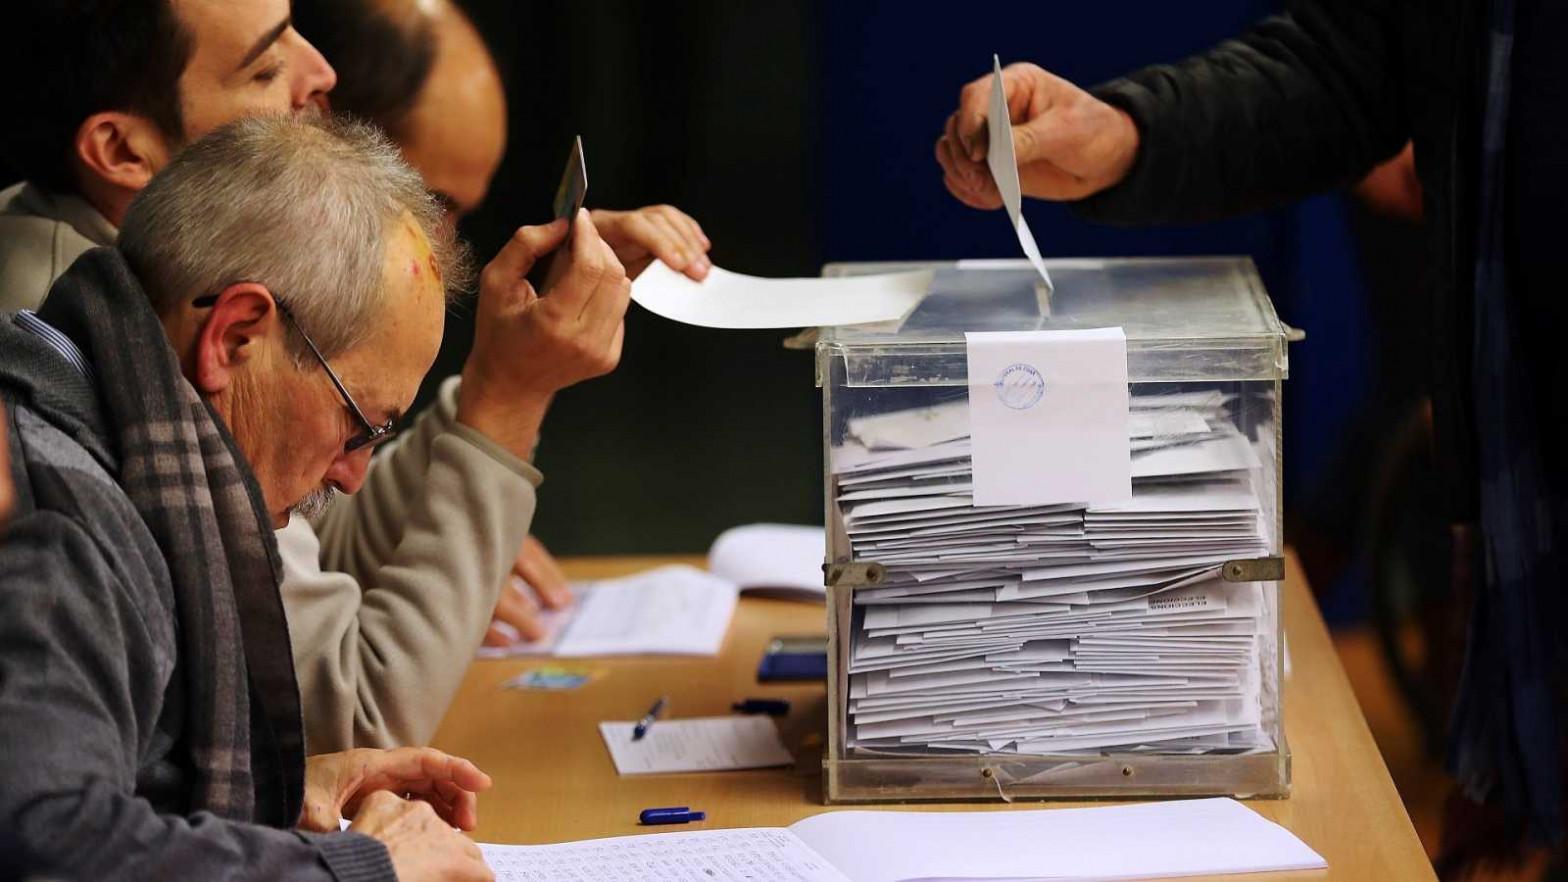 Cómo se votará en las elecciones catalanas del 14-F: las claves de la jornada electoral